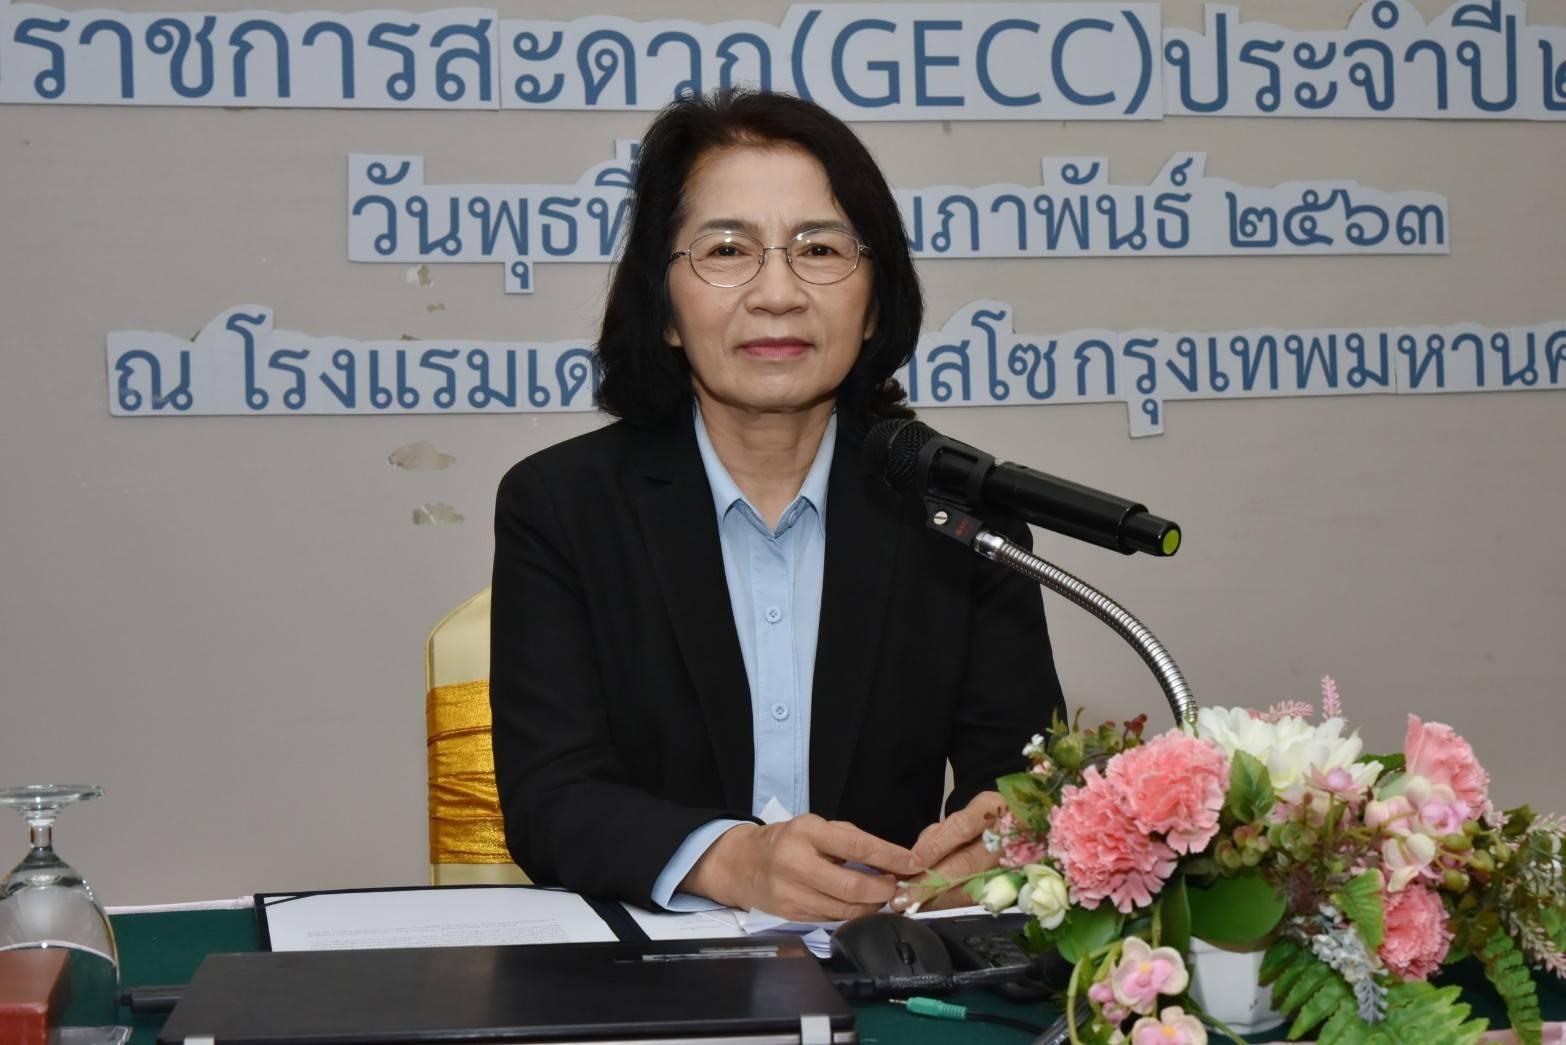 กรมการจัดหางาน อบรมโครงการเตรียมความพร้อม เพื่อสมัครขอรับรองมาตรฐานศูนย์ราชการสะดวก (GECC)